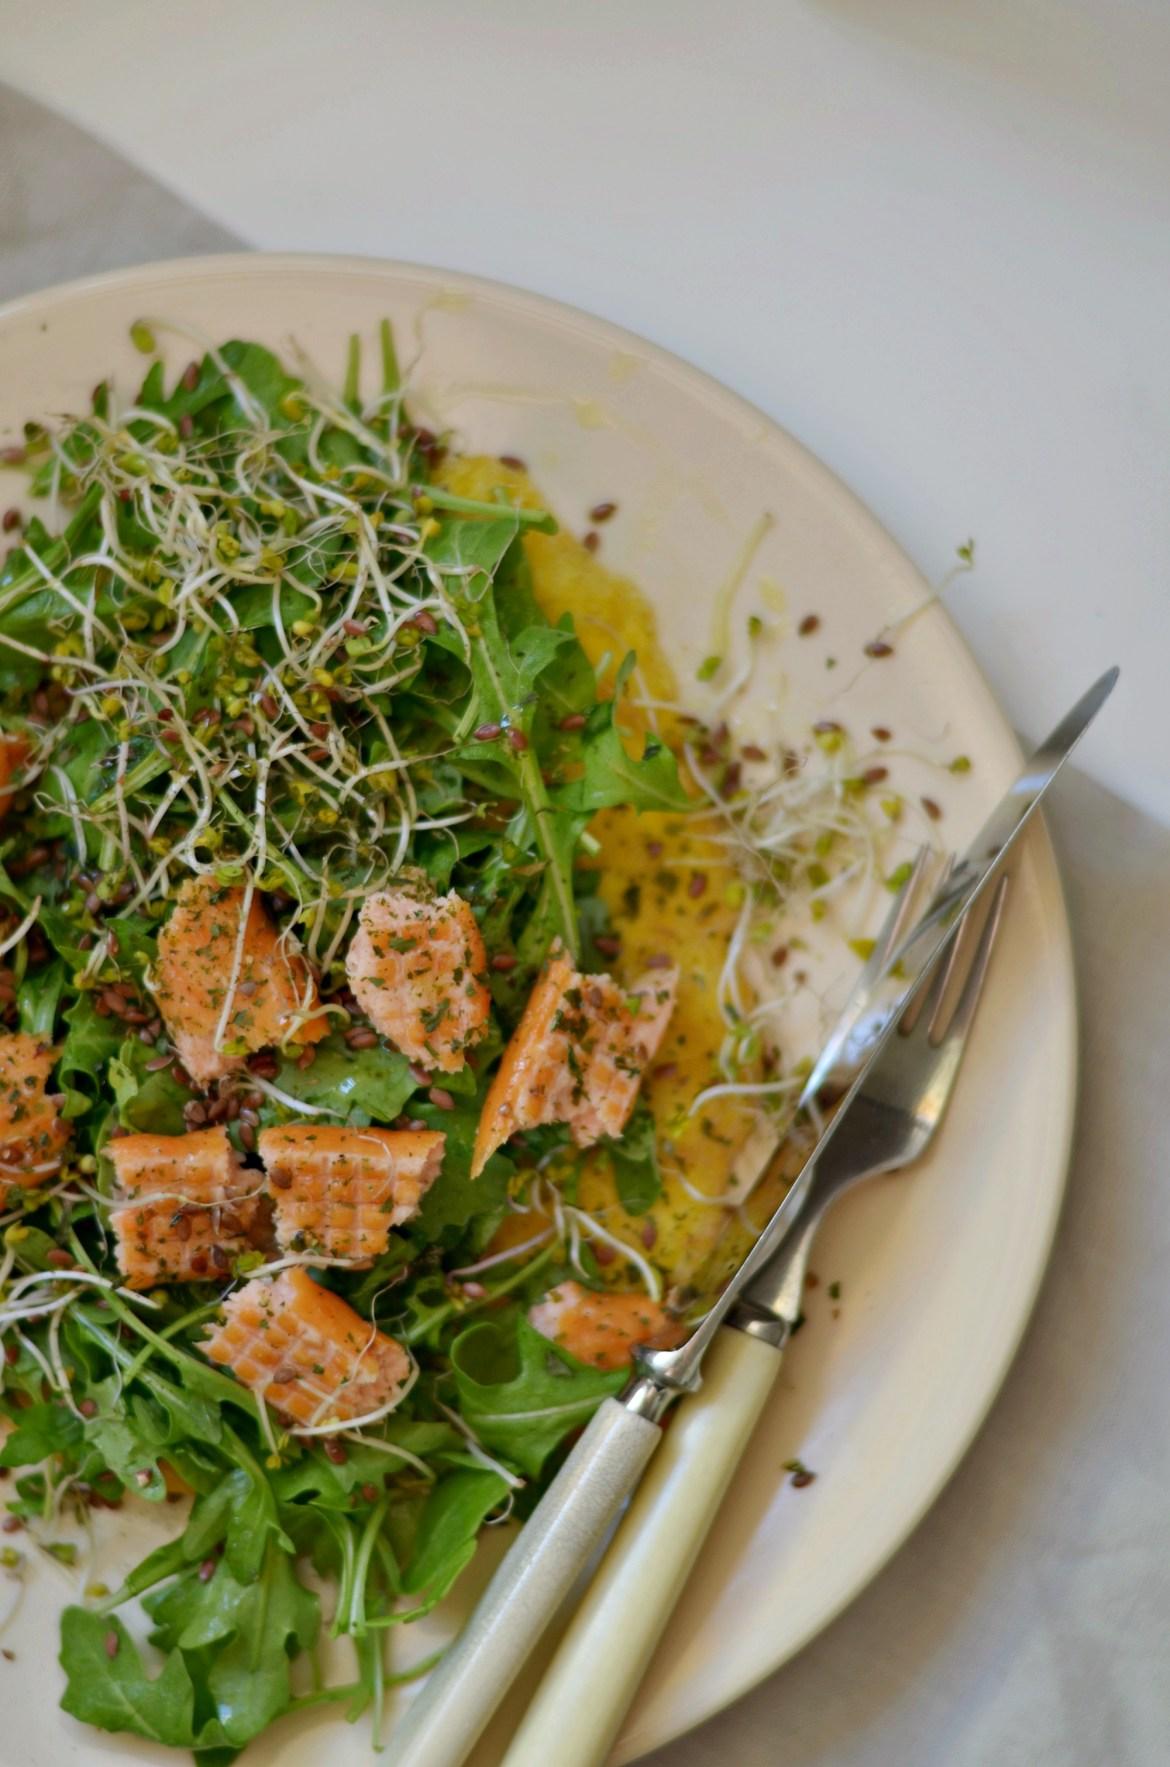 pmlet na słono z warzywami